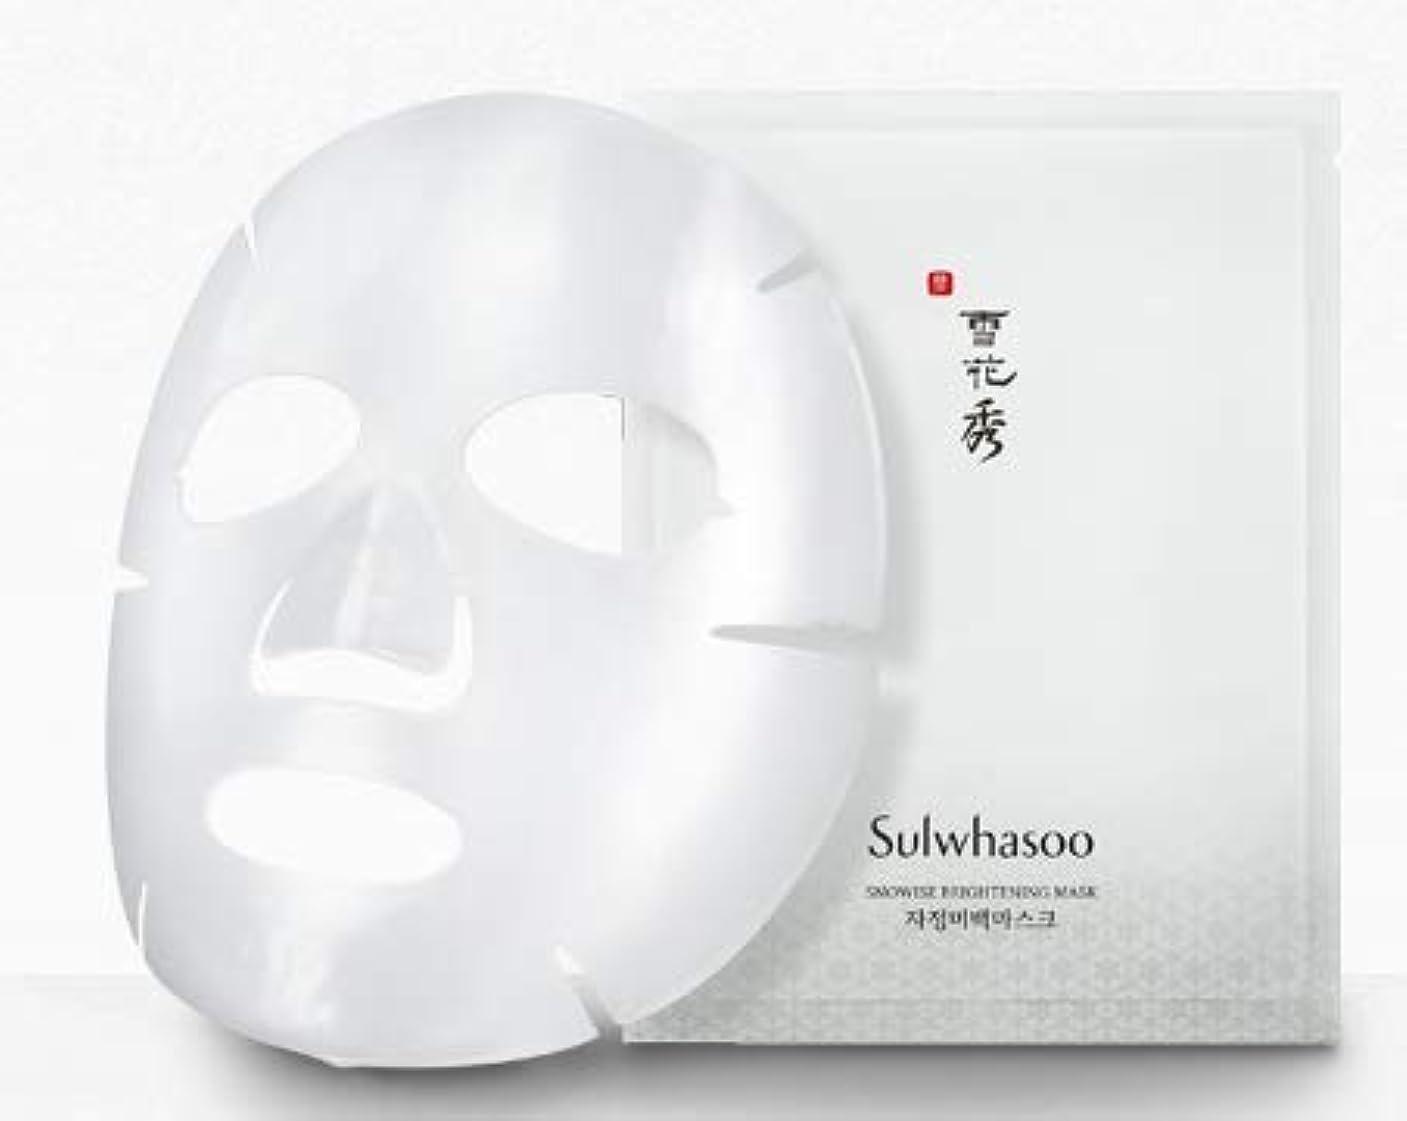 モンキーヒゲ見ました[(雪花秀) Sulwhasoo] [Snowise Brightening Mask 20g*5ea] [並行輸入品]